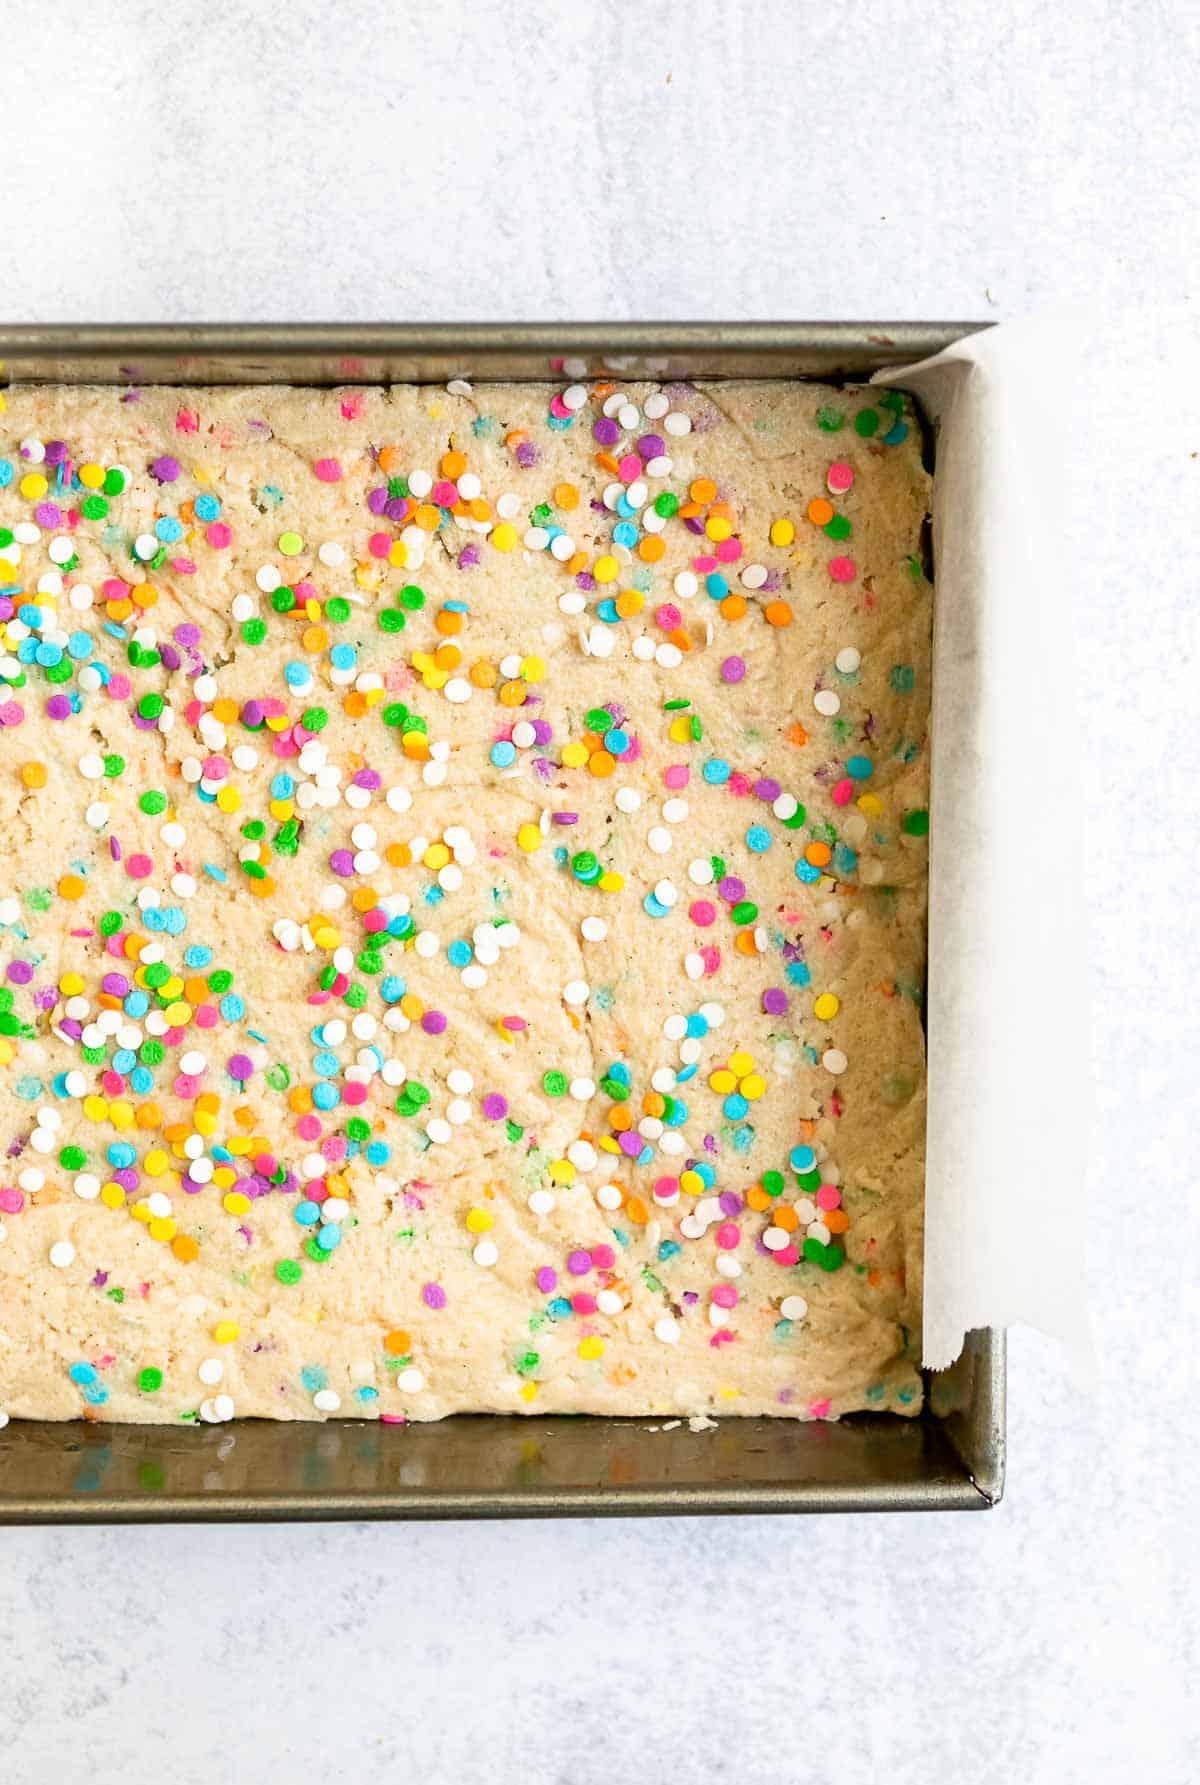 dough in a baking pan before baking